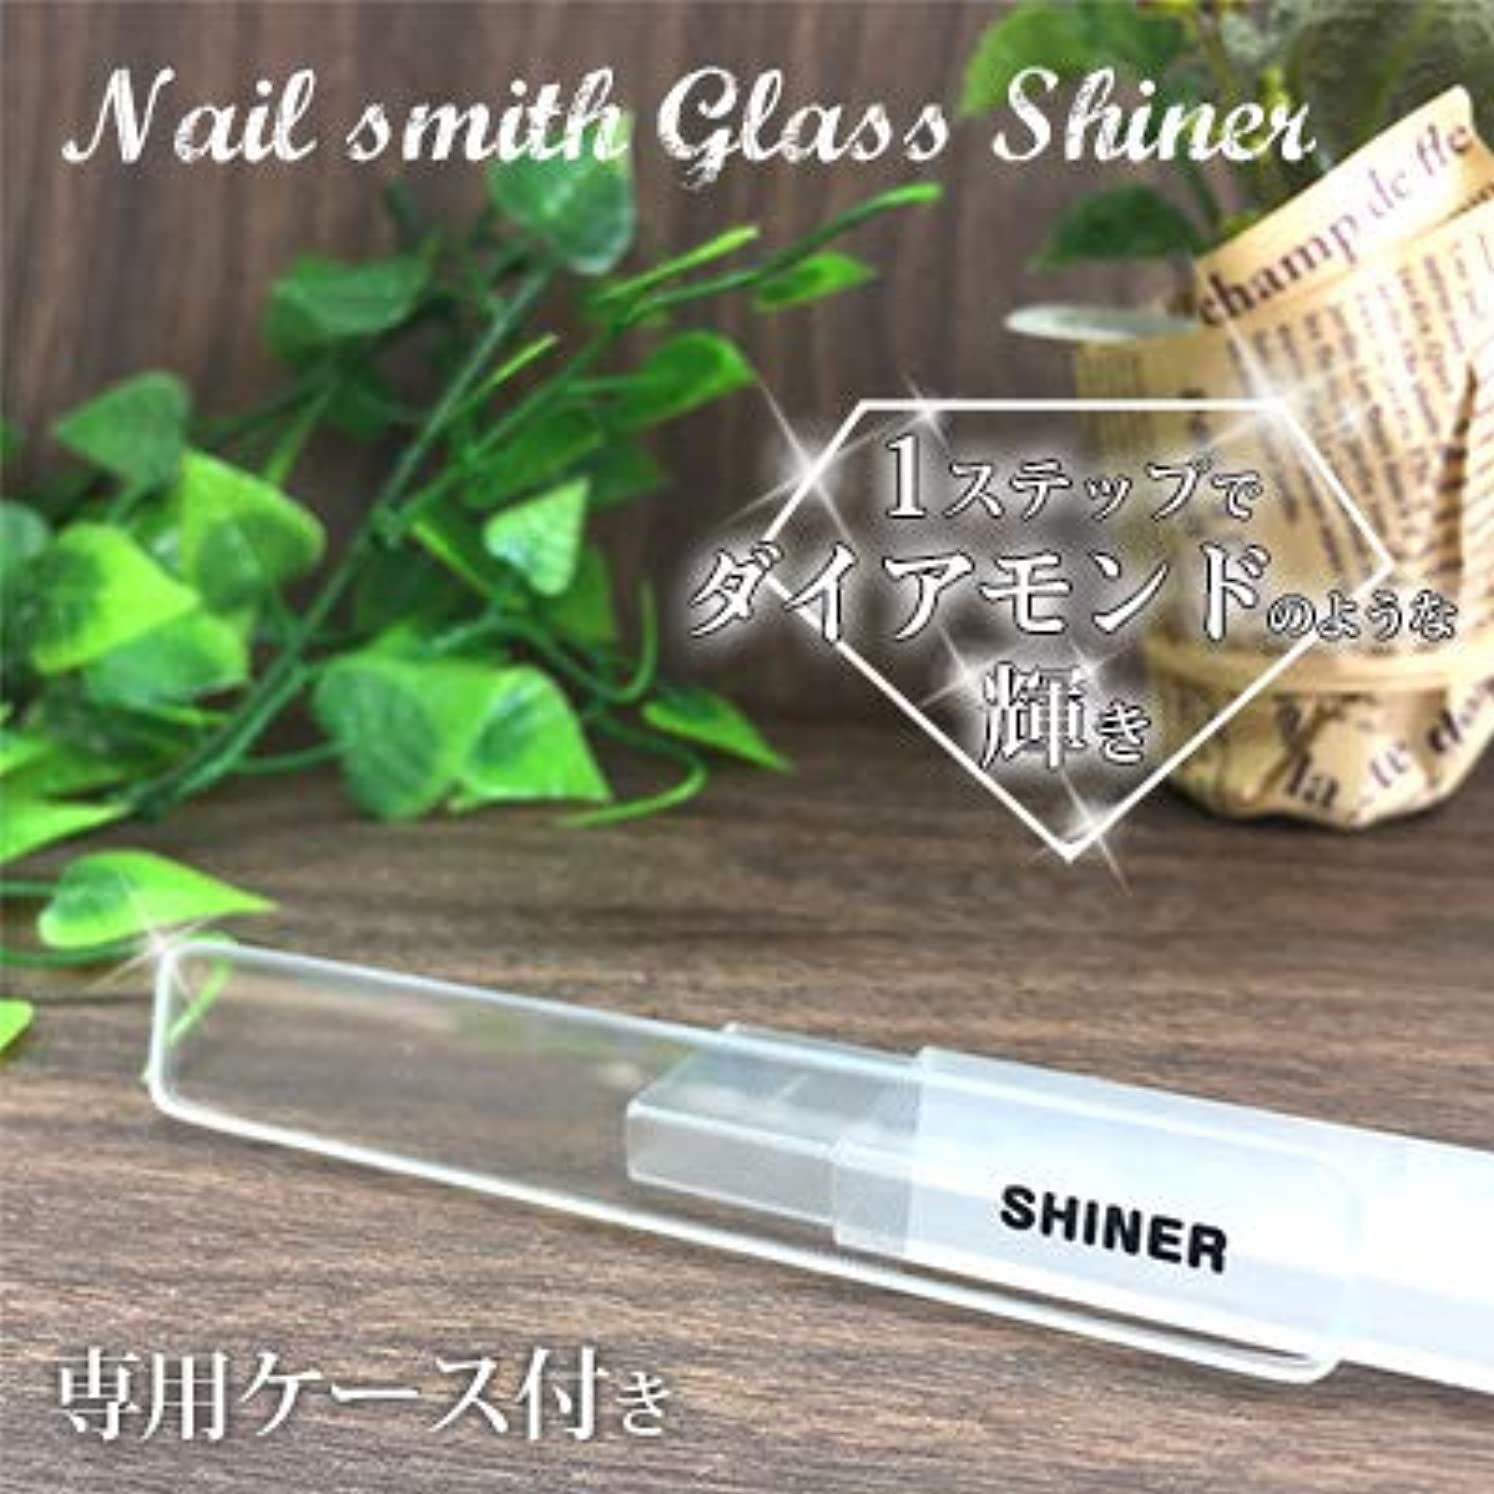 ペネロペミリメートル後悔nail smith ネイルスミス ガラスシャイナー